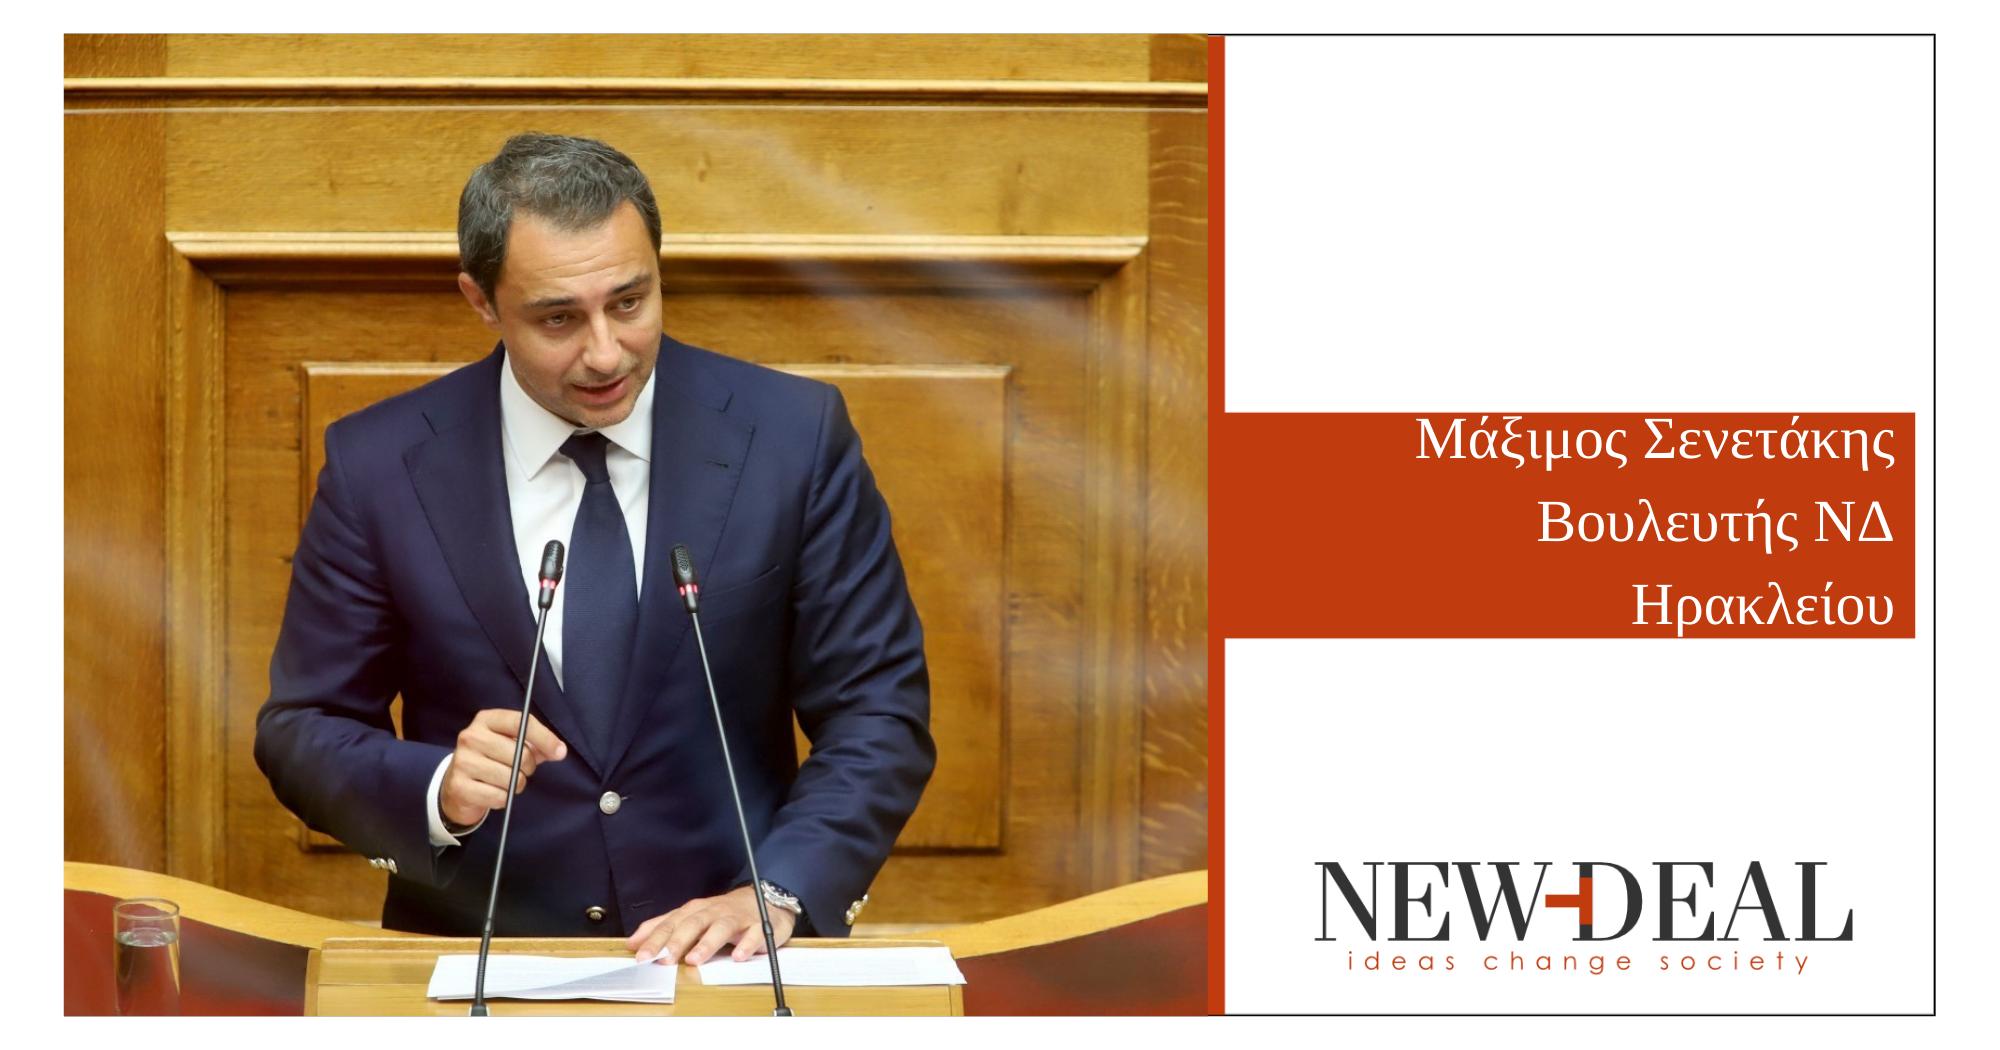 Ο Μάξιμος Σενετάκης σημειώνει ότι η εμμονή του Μέρα 25 και ΚΚΕ να